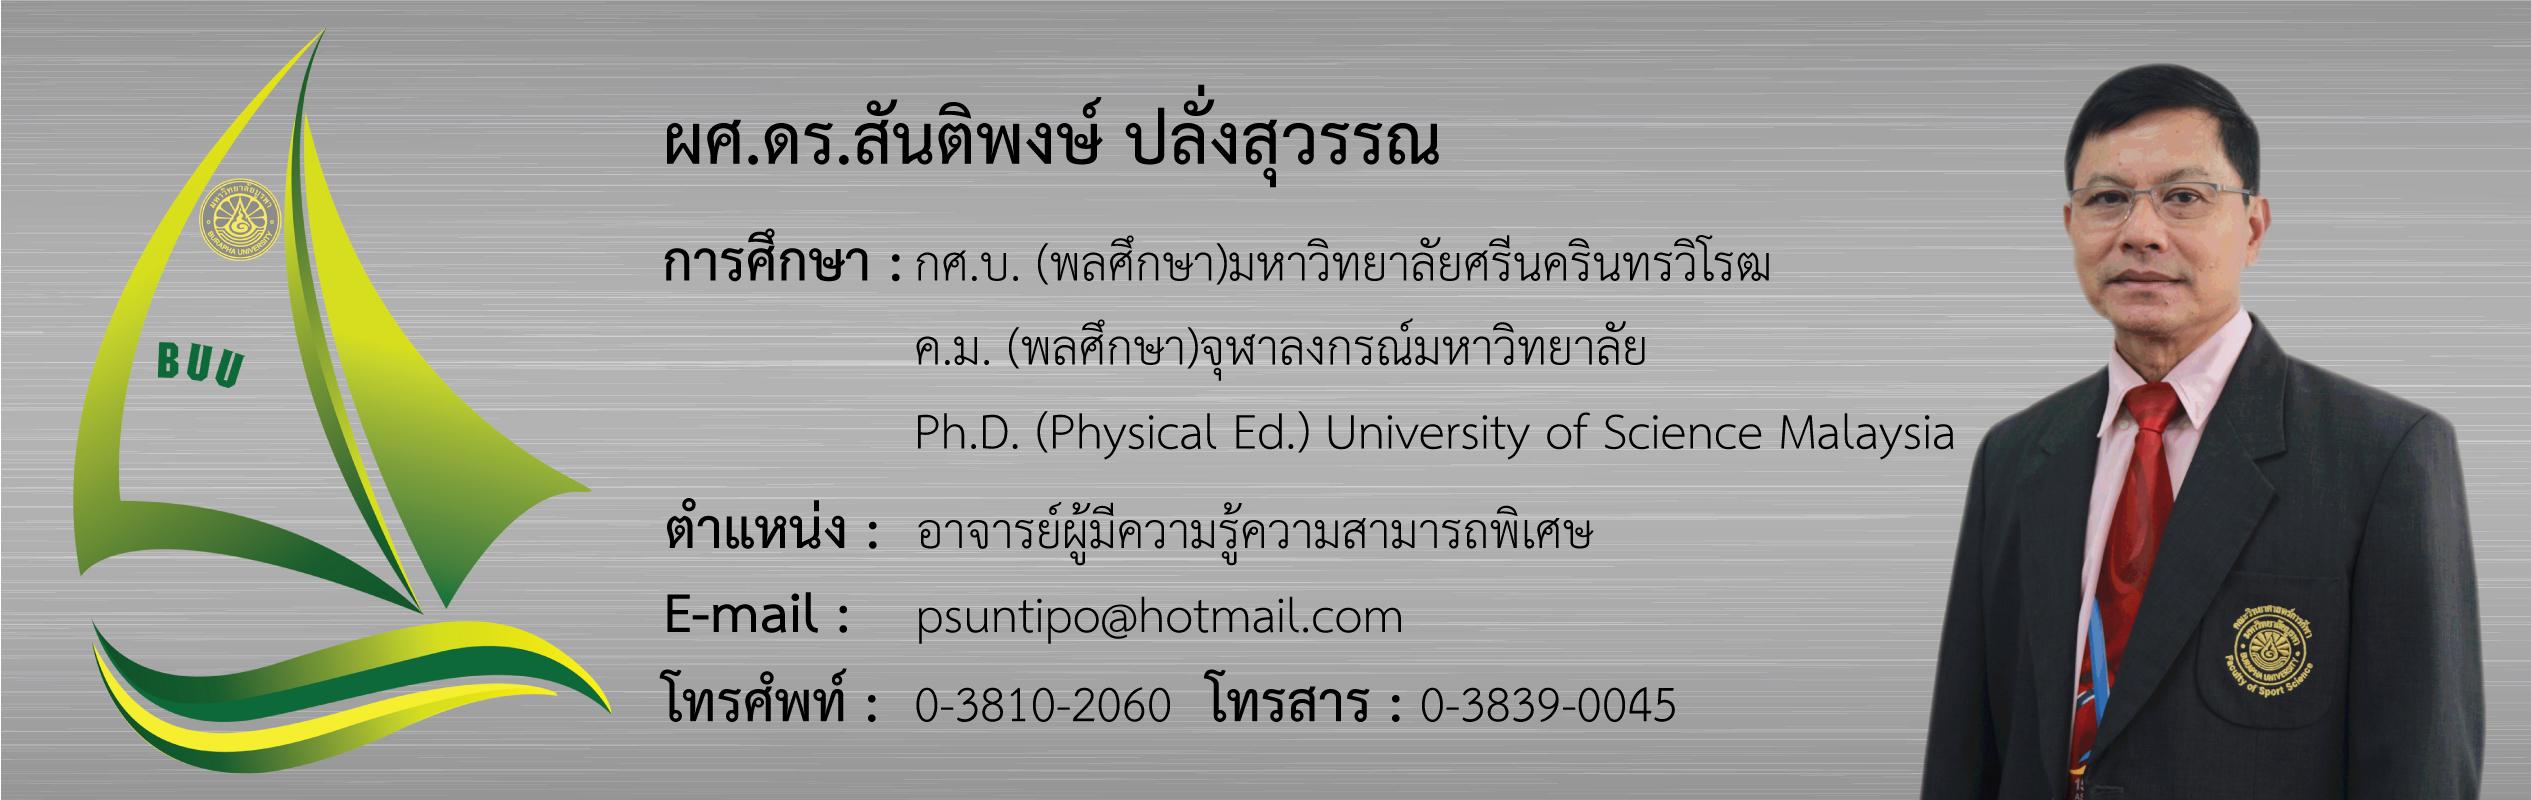 ดร.สันติพงษ์ 01